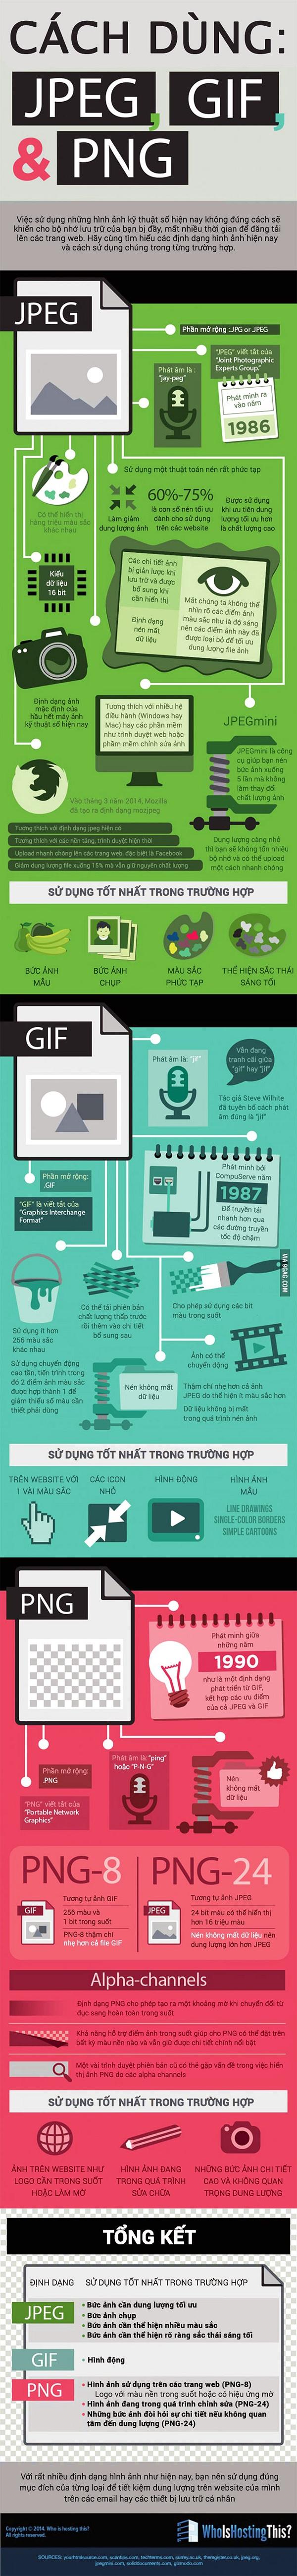 [Infographic] Khi nào dùng ảnh định dạng JPEG? GIF? PNG?